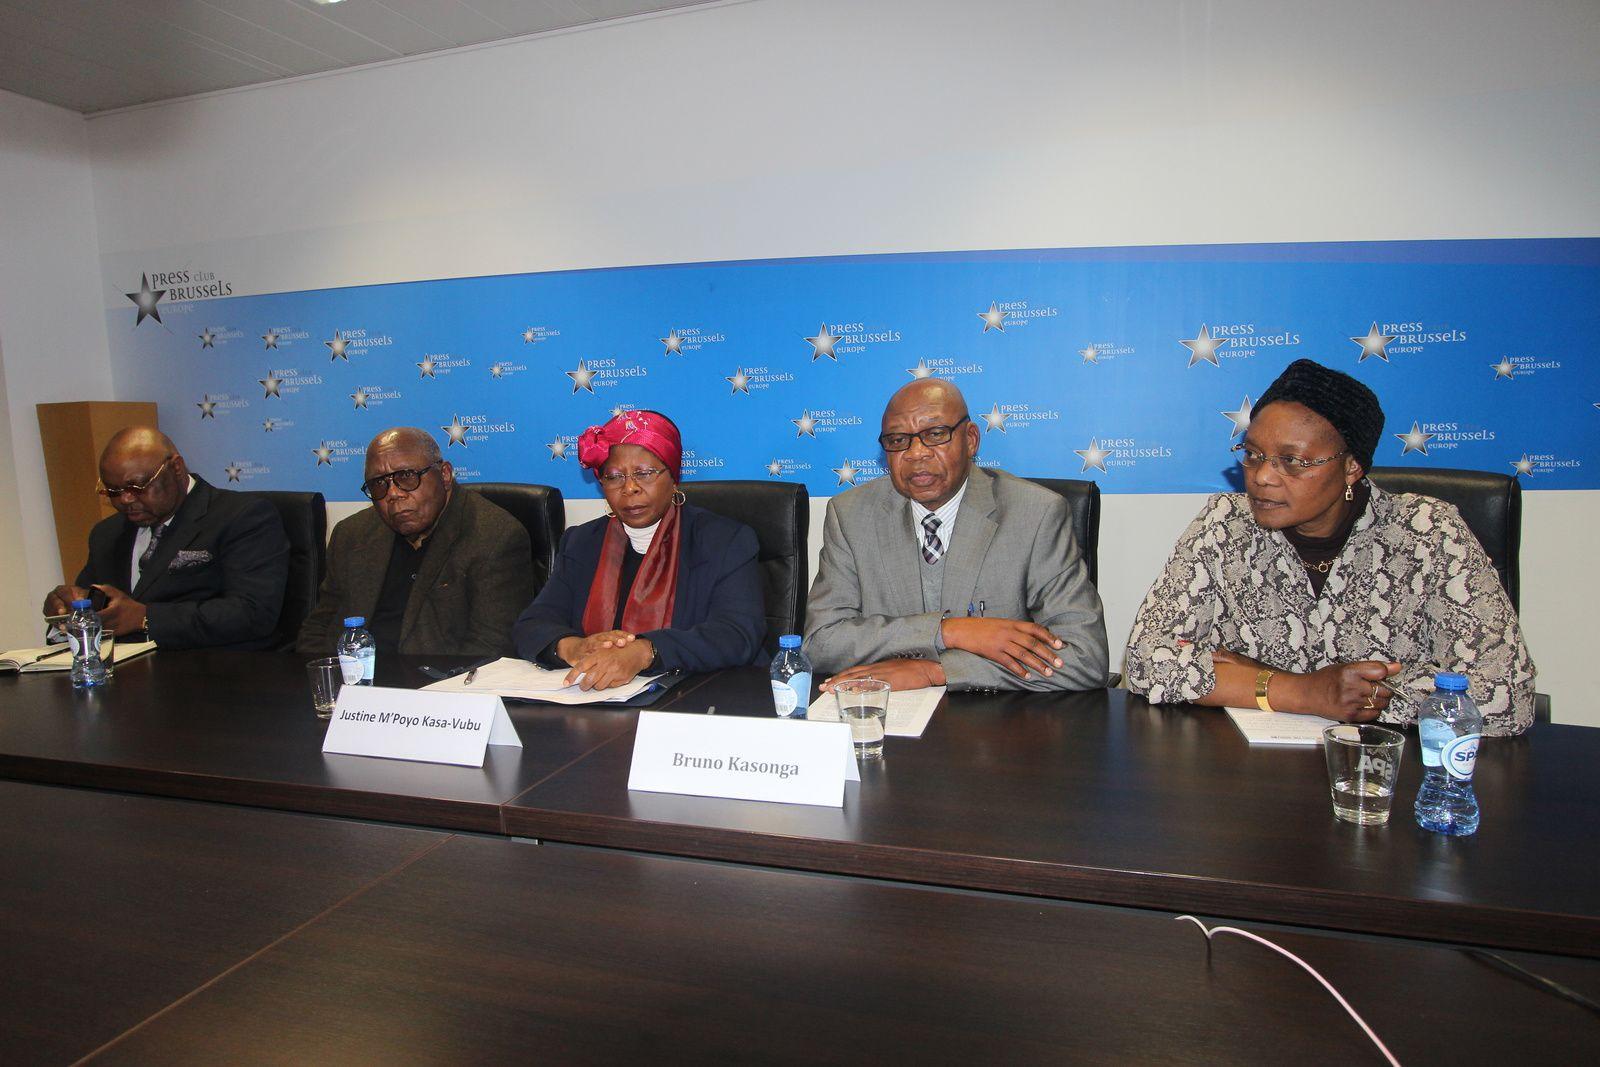 Sanctions de l'UE contre Shadari, sévère réquisitoire de Justine M'Poyo Kasa-Vubu contre Louis Michel